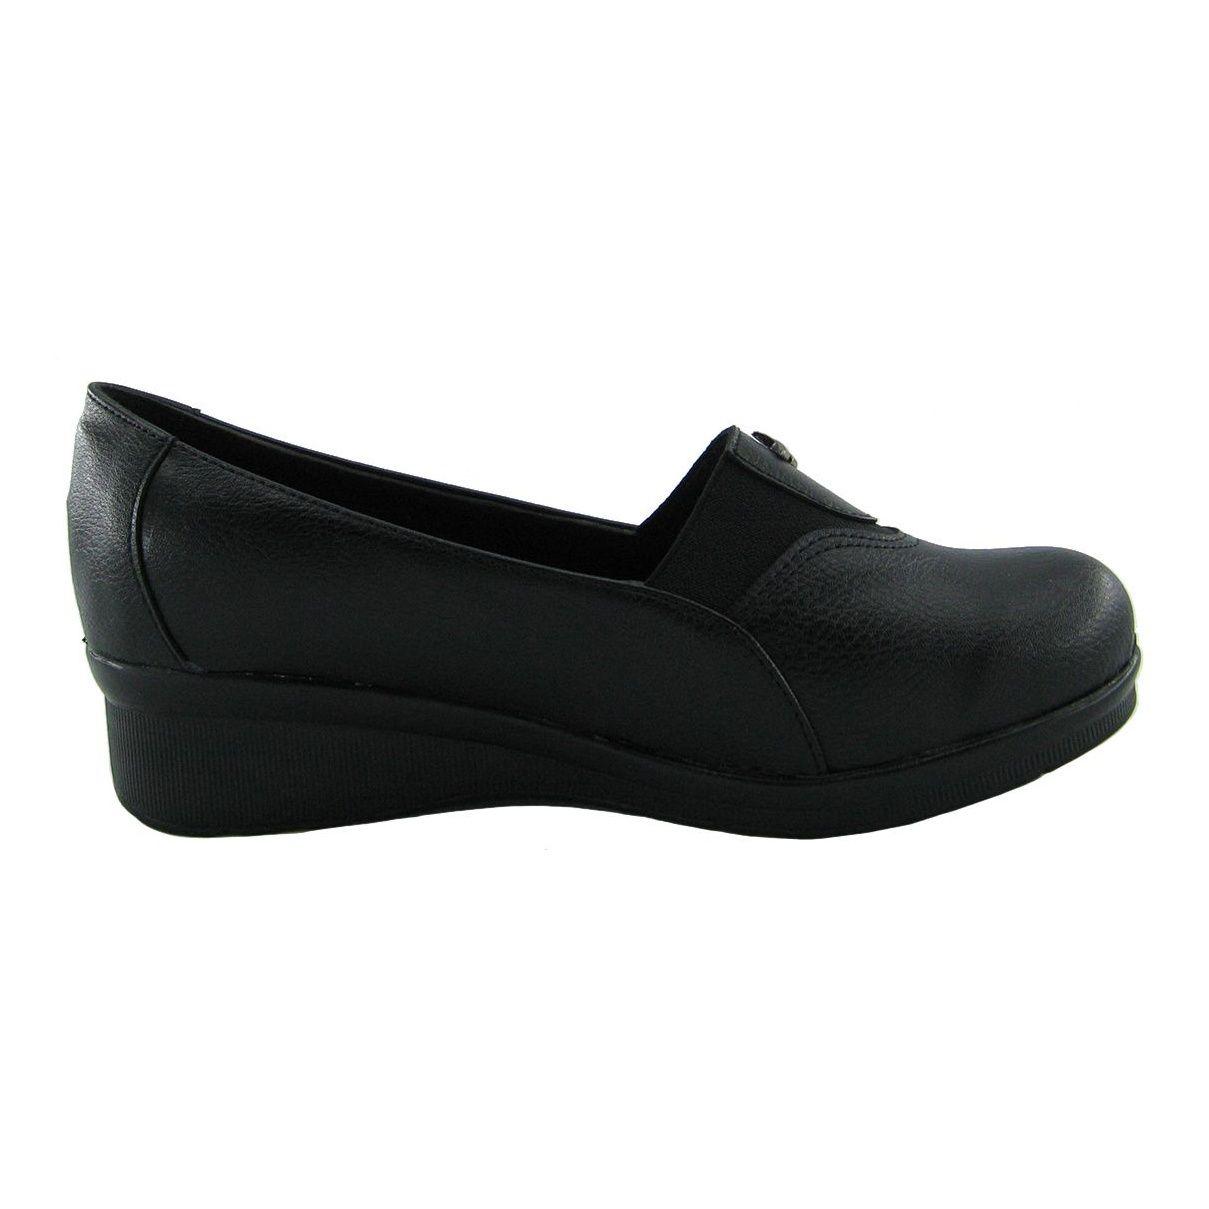 کفش زنانه مدل ایکس کد 99-01 main 1 2